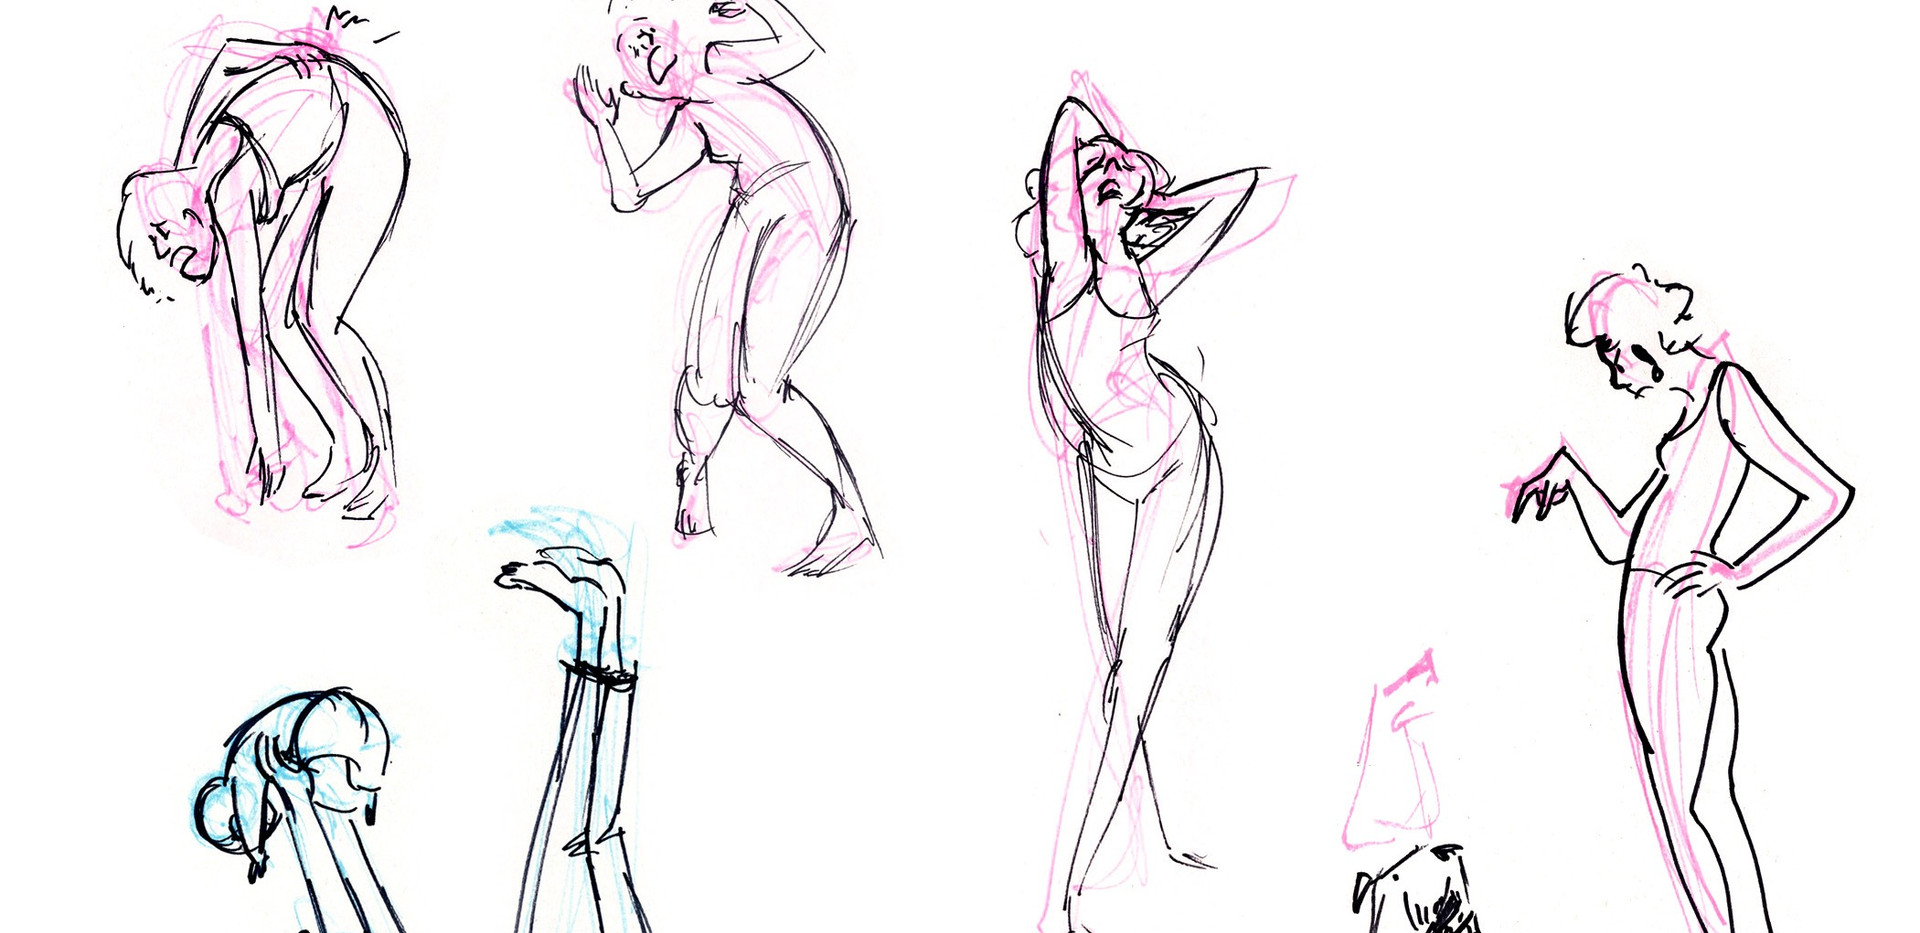 sketchslides_gestures3_edited.jpg